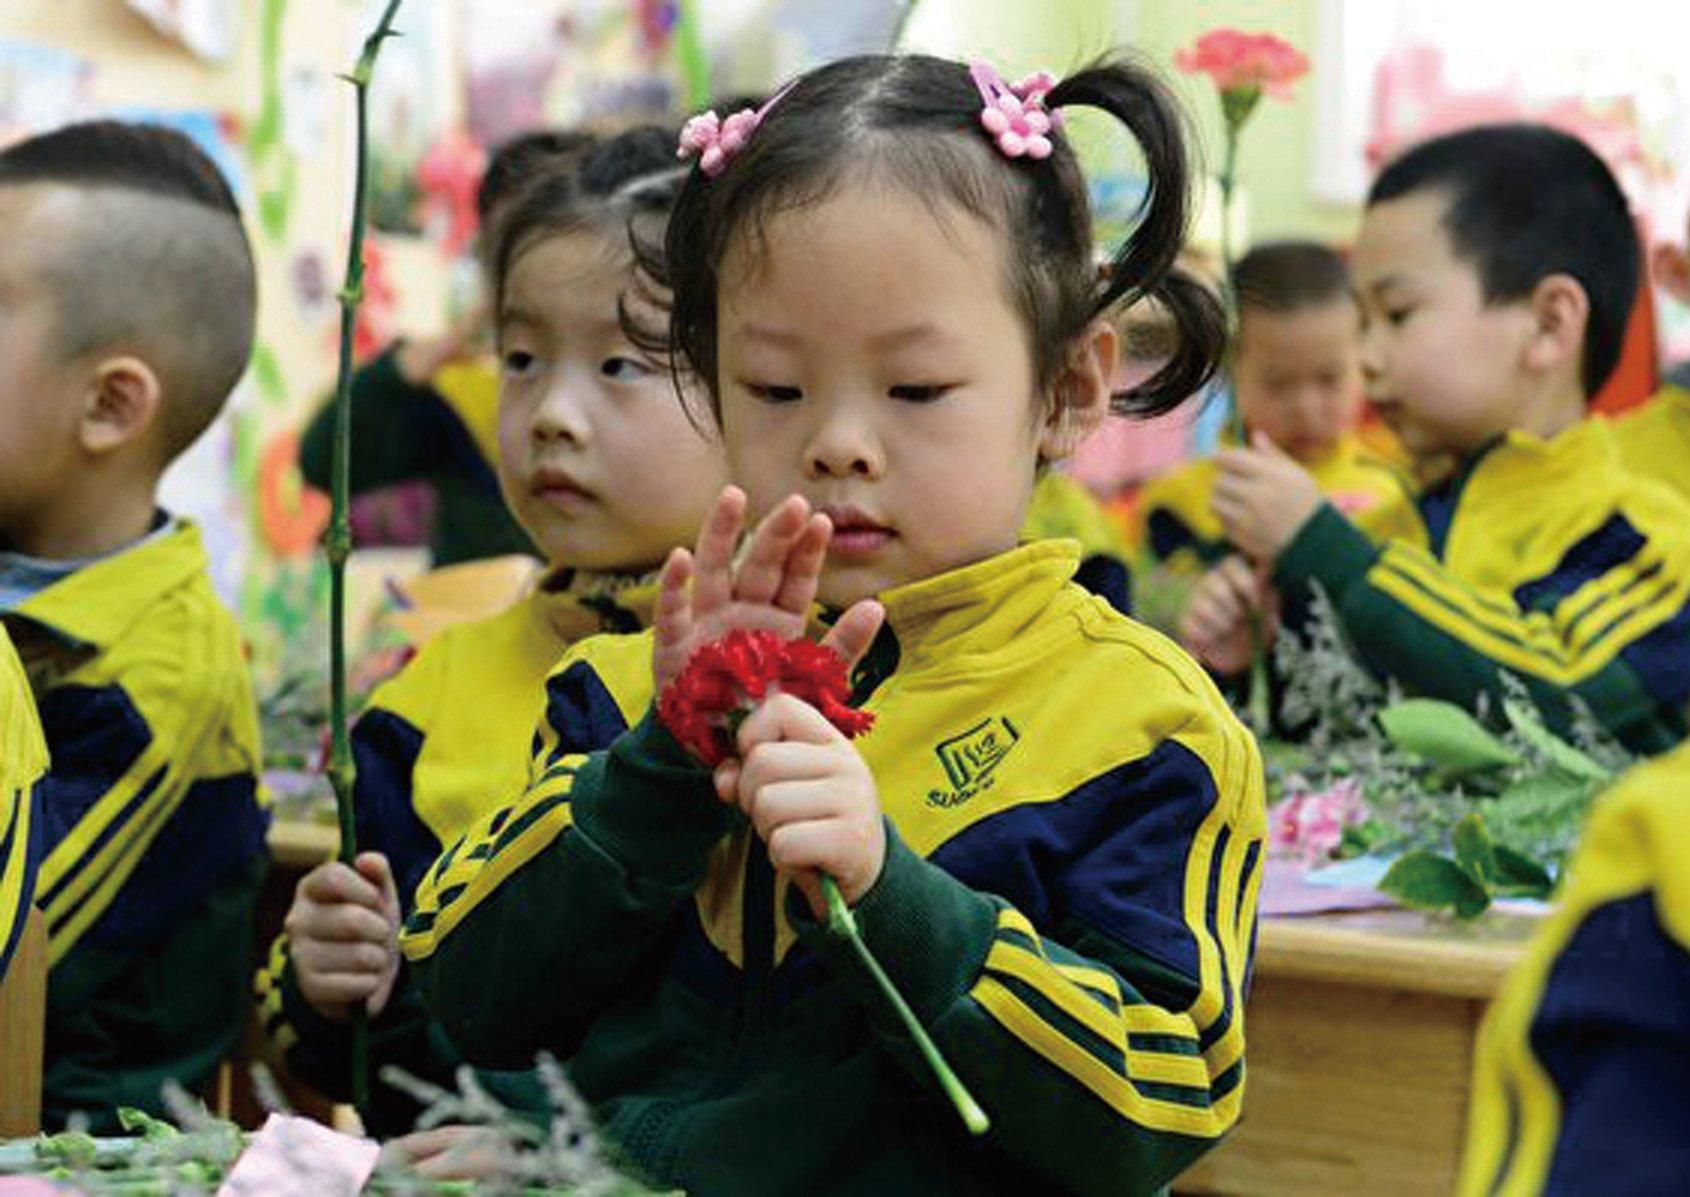 中共肺炎(武漢肺炎)蔓延,中國幼兒園遭遇資金危機。示意圖。(大紀元資料室)